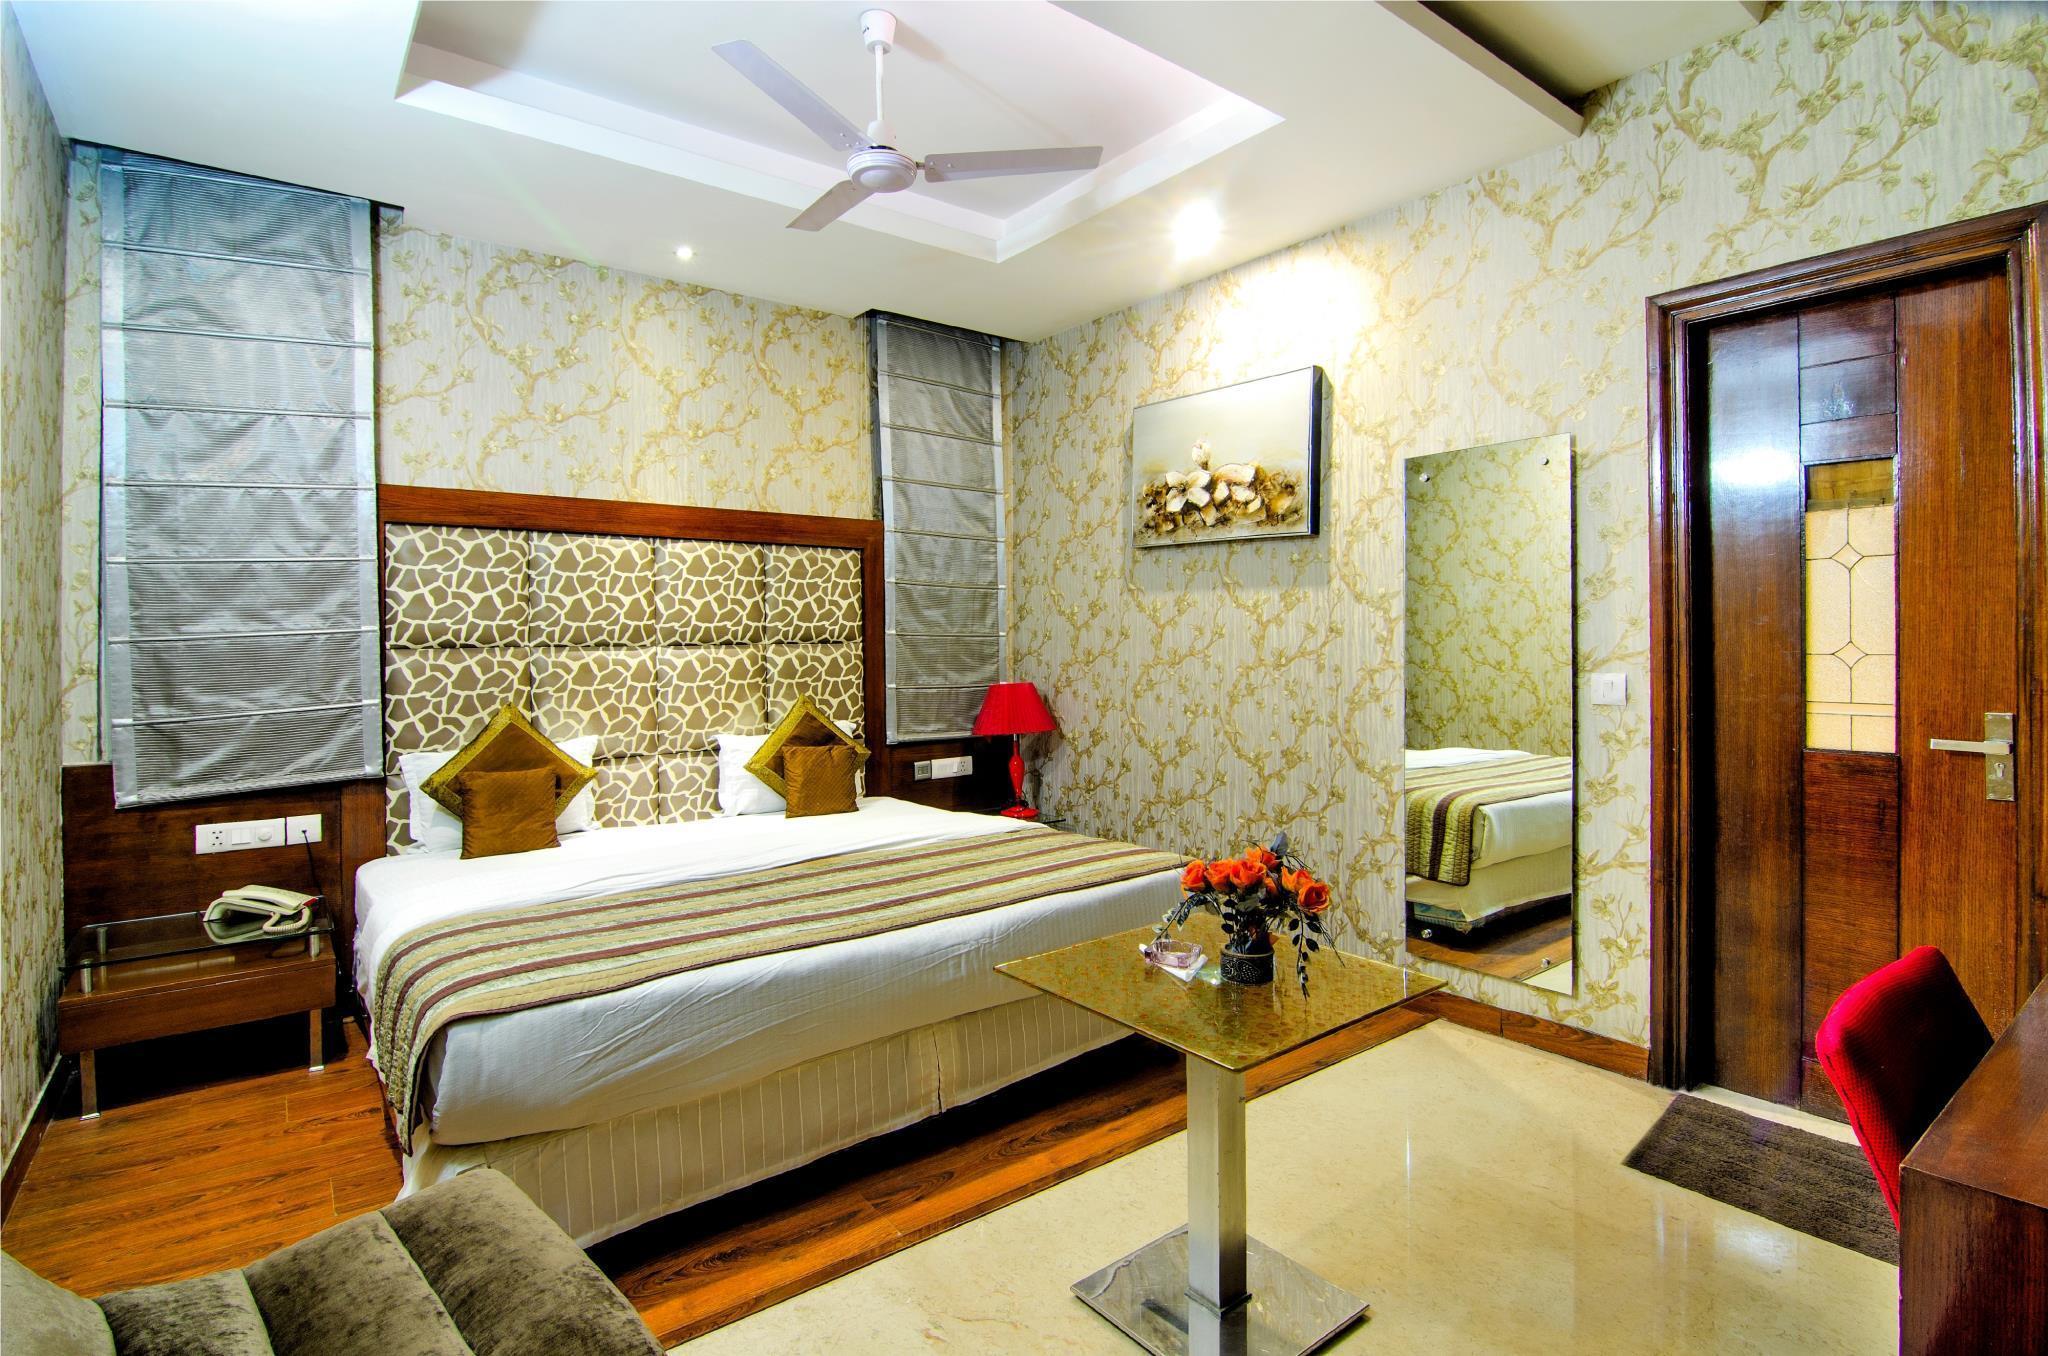 Hotel Omega Residency